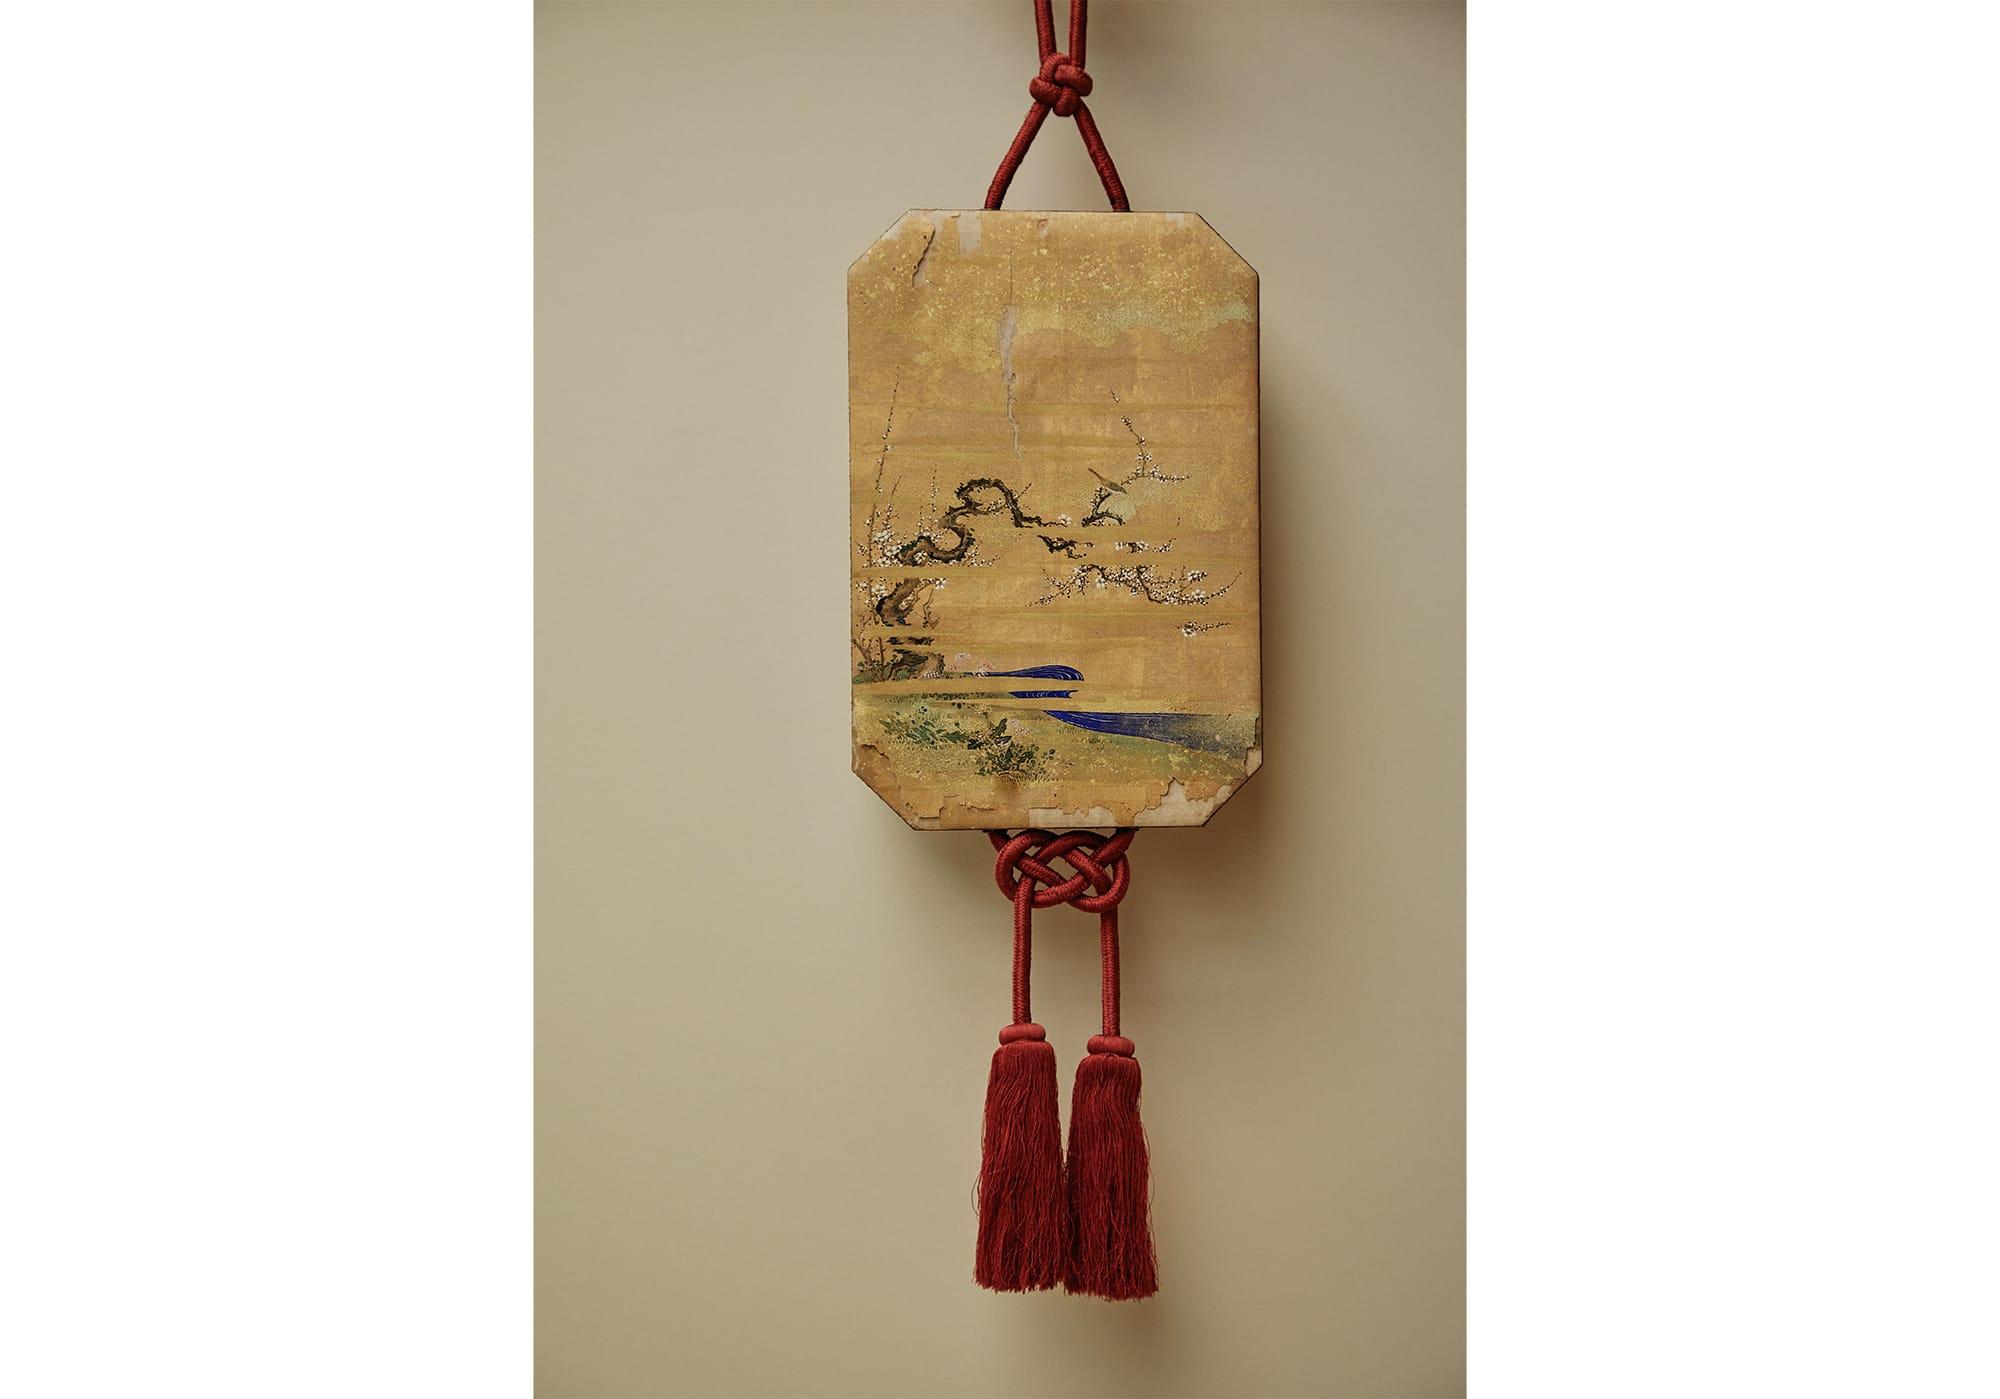 香席に飾って邪気を払う霊糸錦(れいしきん)という飾り物。角切の箱に香料を入れたという。志野流家元に伝わるもの。